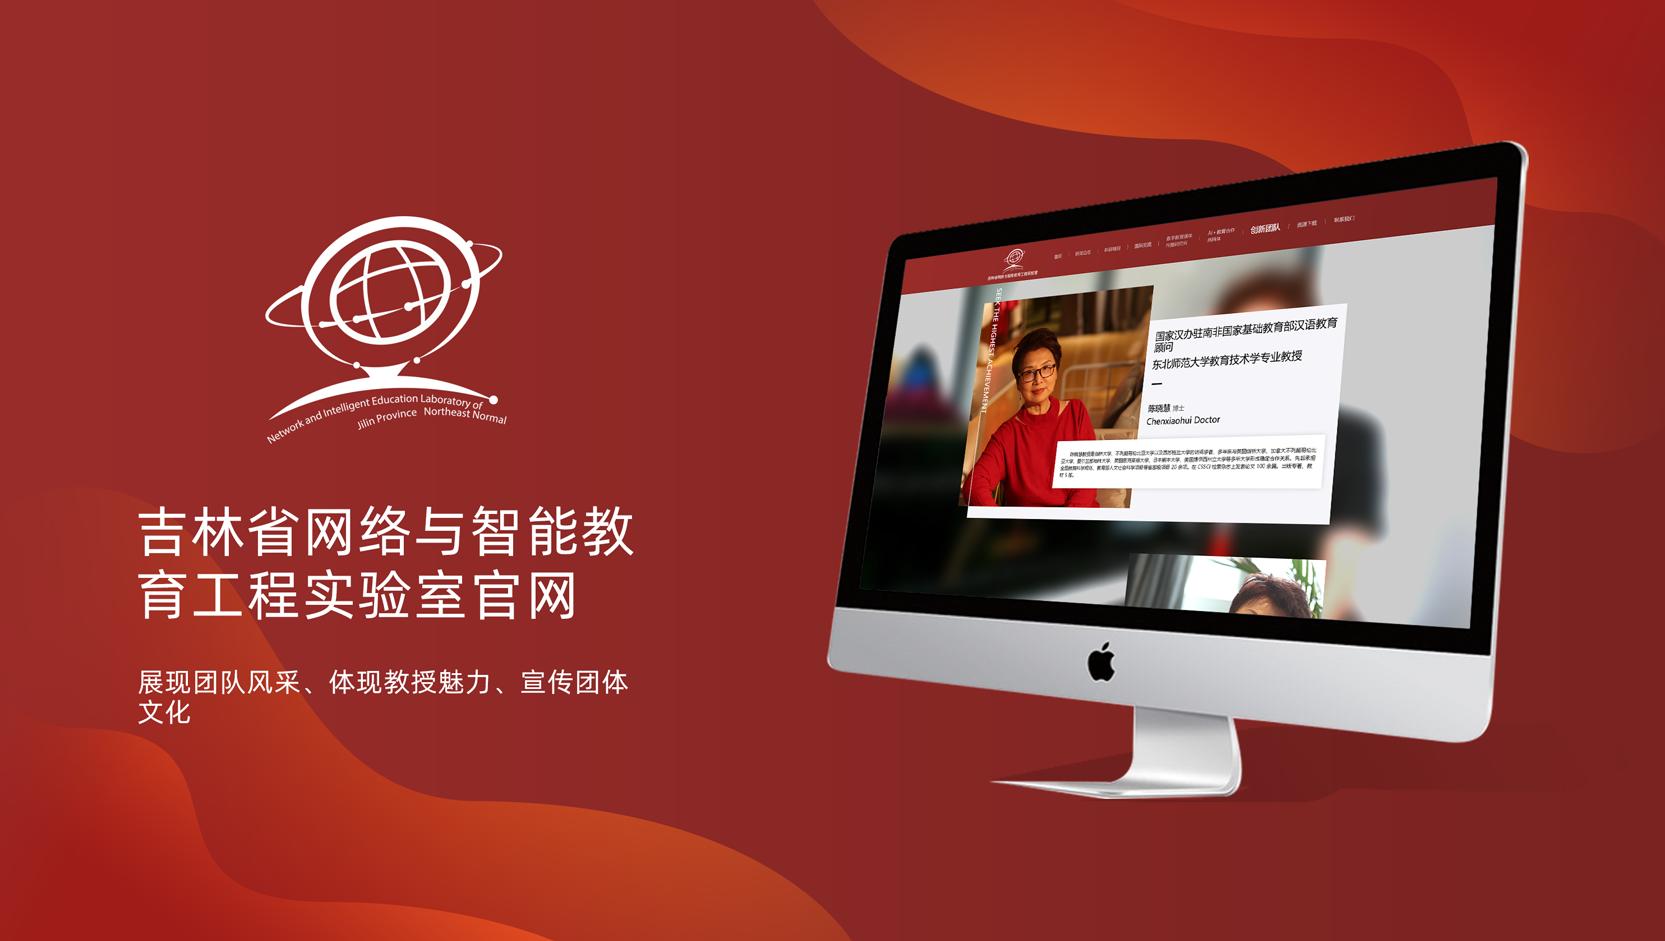 吉林省网络与智能教育工程实验室官网